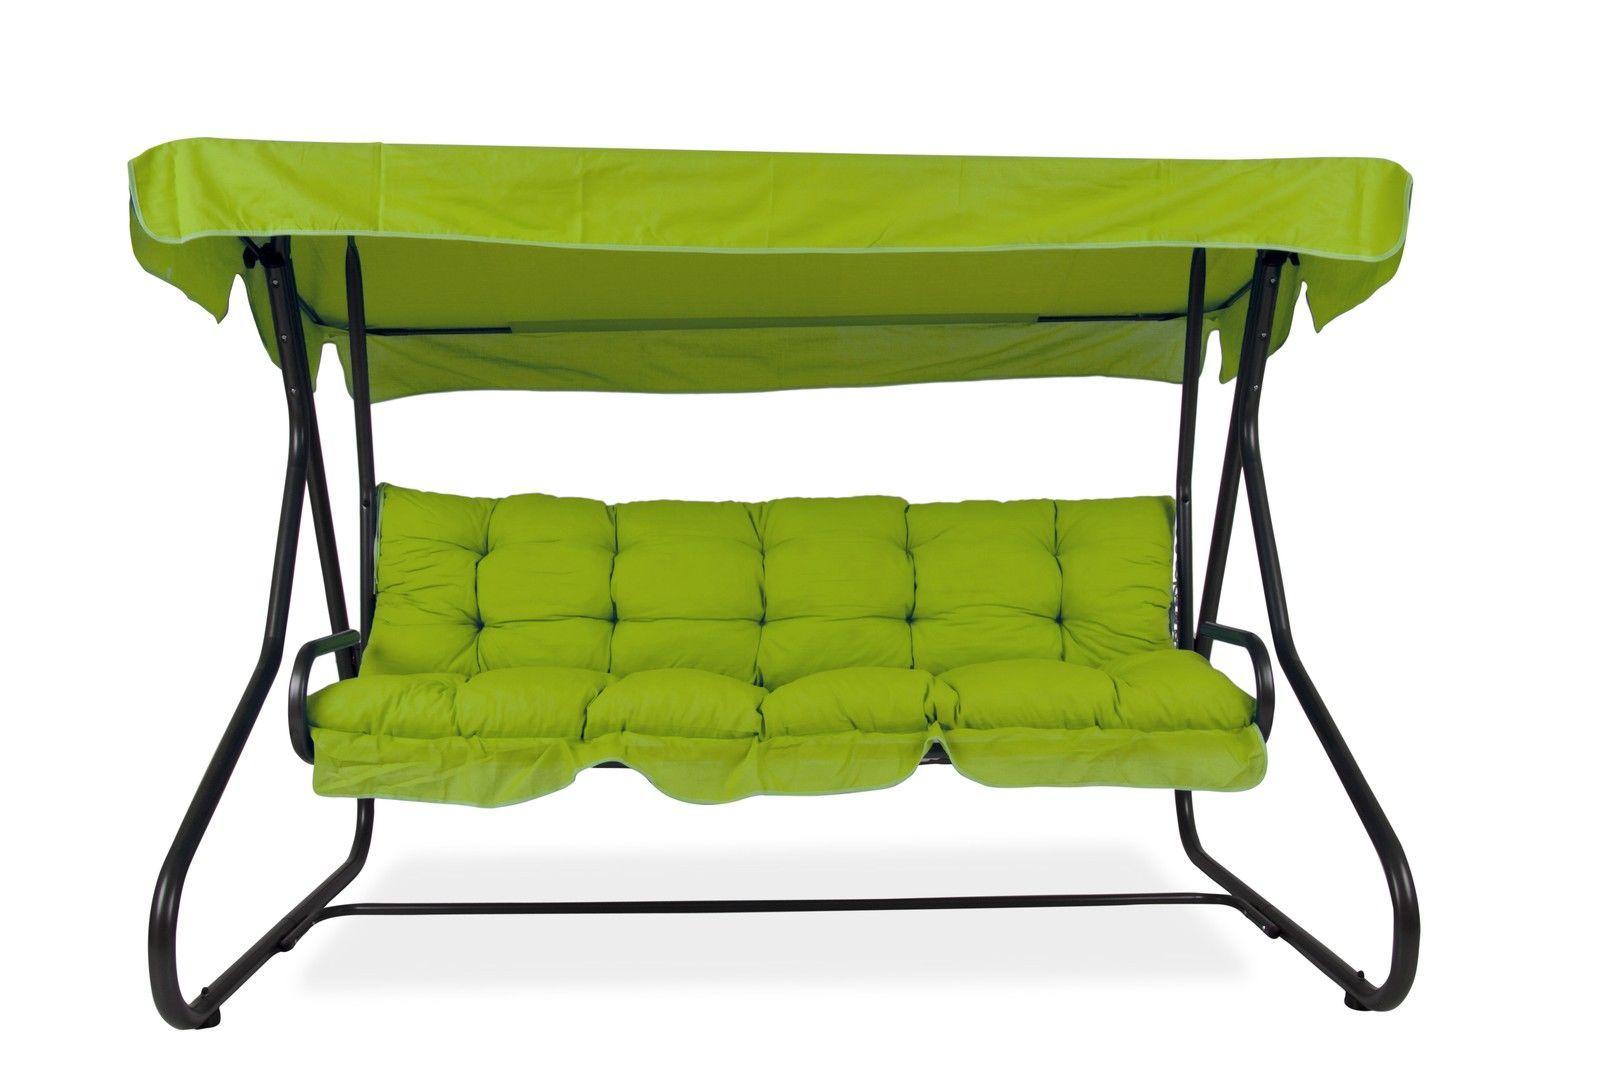 3-sitzer hollywoodschaukel milano mit sonnendach und auflagen-set f